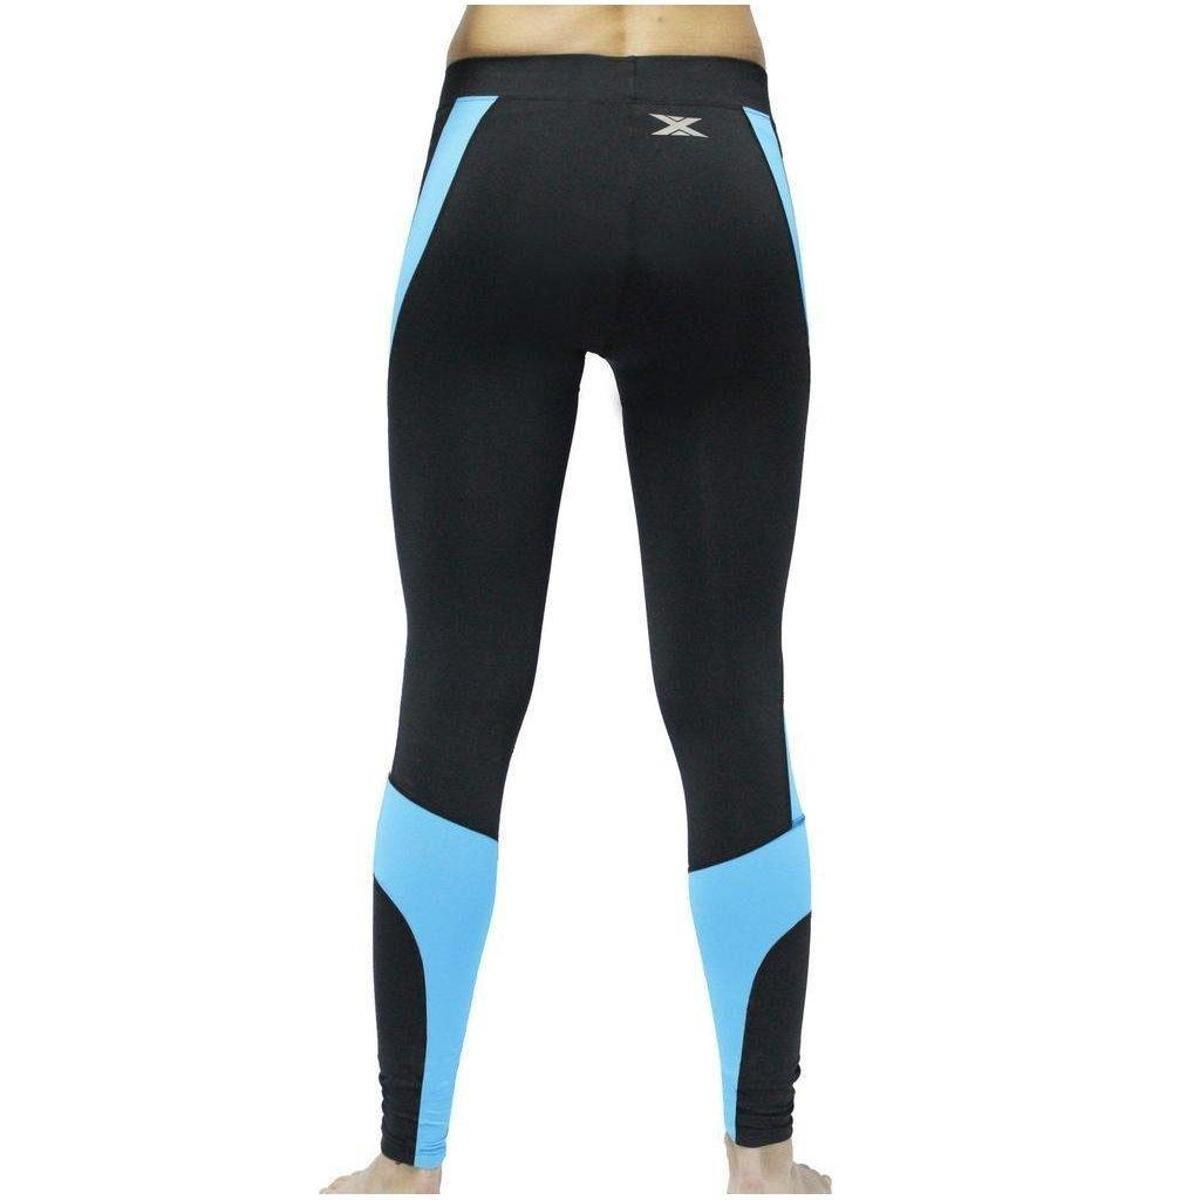 e corrida Calça Ironman Azul DX3 corrida Preto DX3 Calça Ironman 5pOqOZ8w